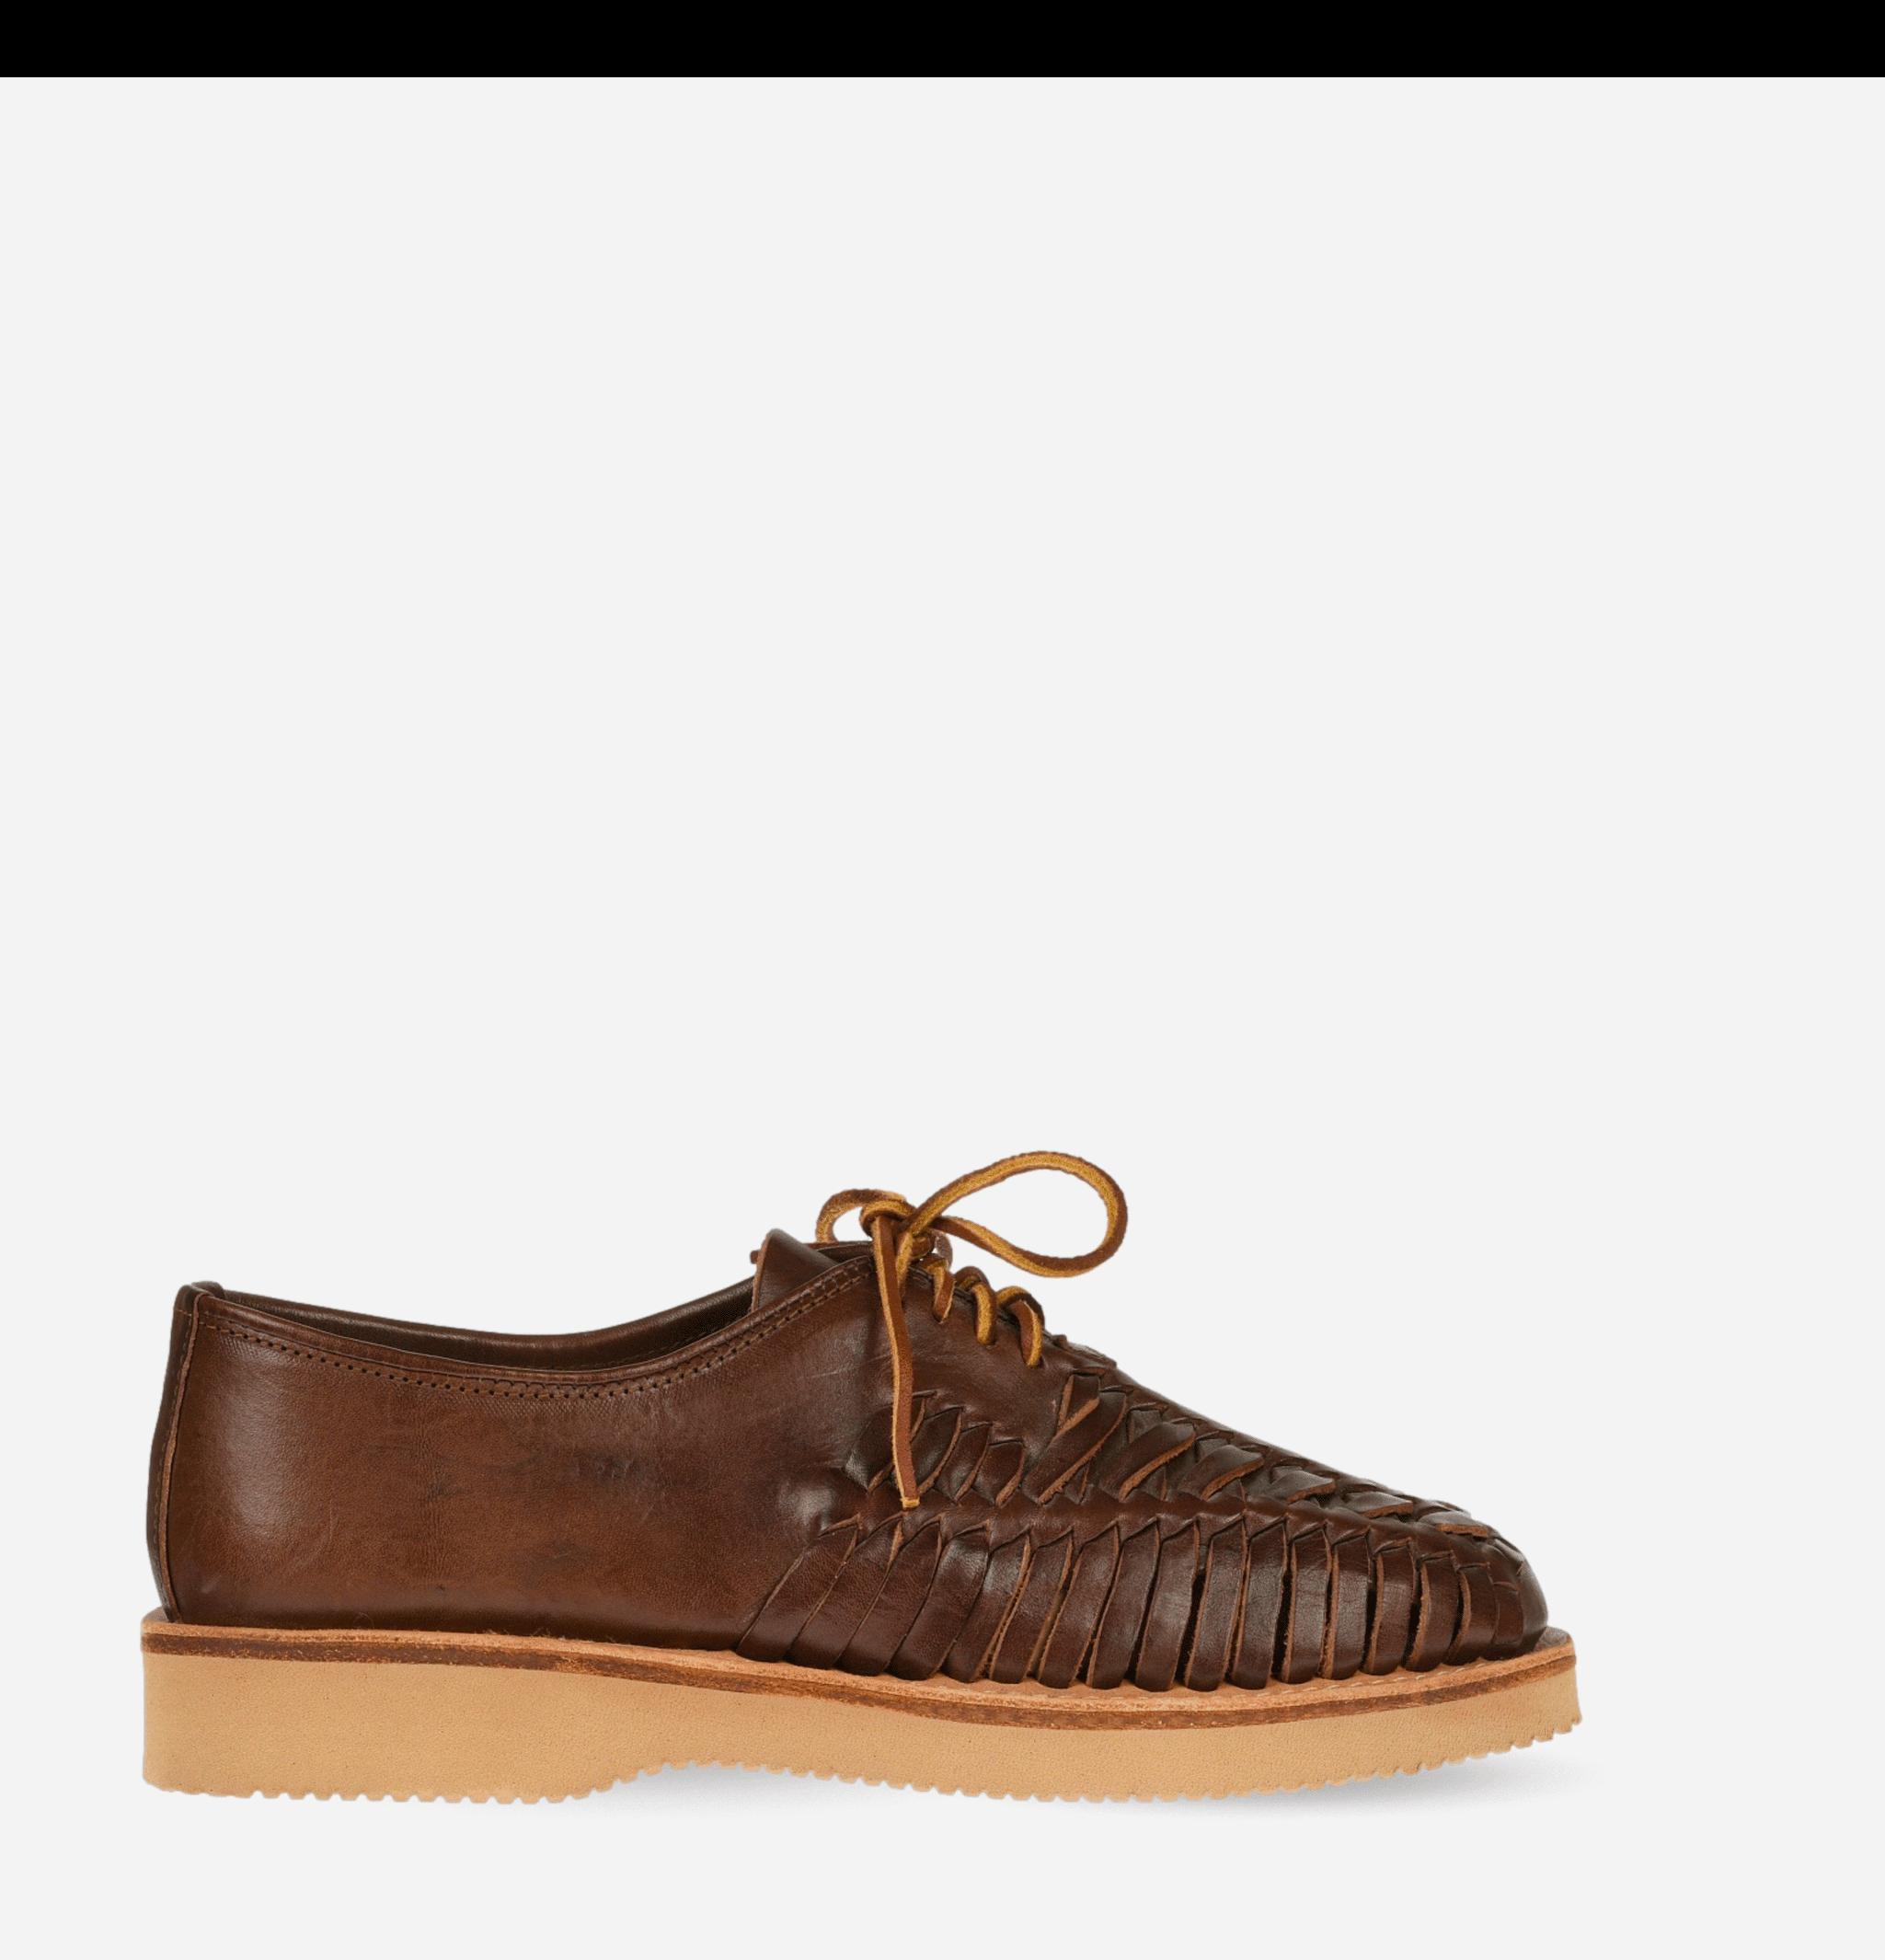 Chaussures Sebastien Brown